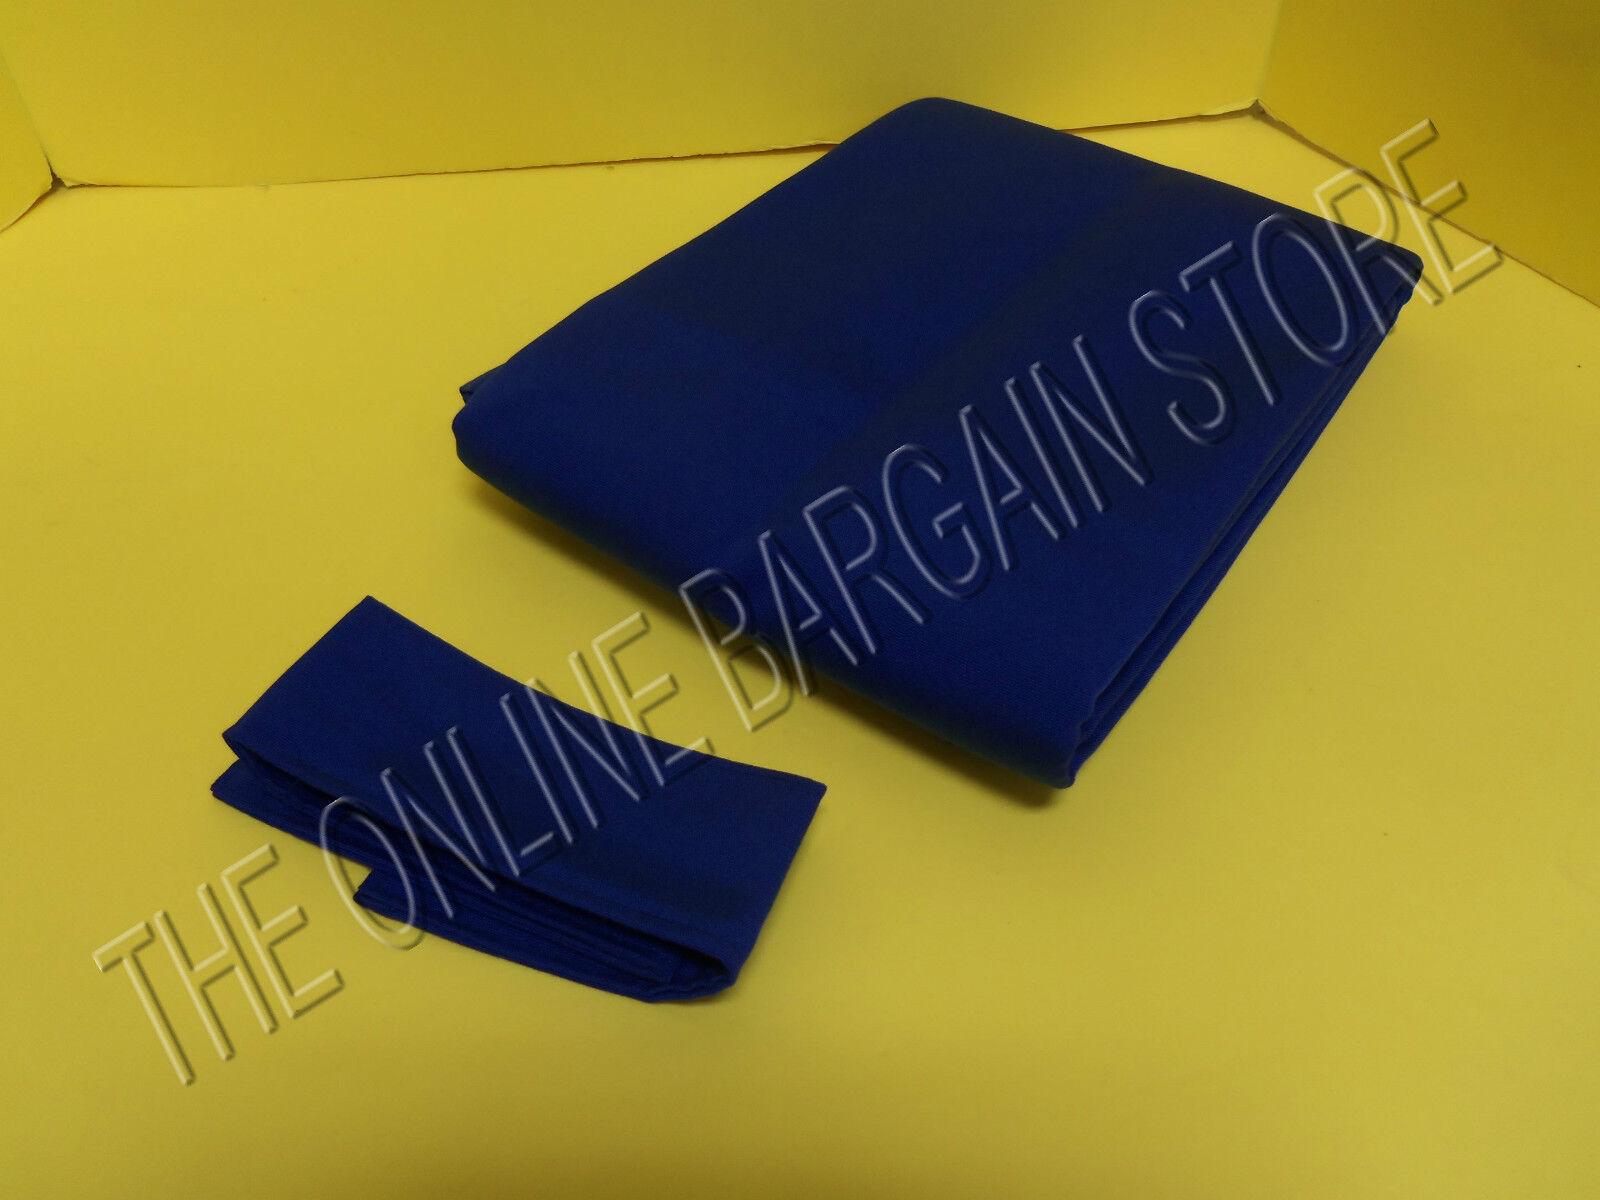 Frontgate al aire libre sólido Cortinas Cortinas De Paneles Sunbrella Cobalto 50x108 tie posterior